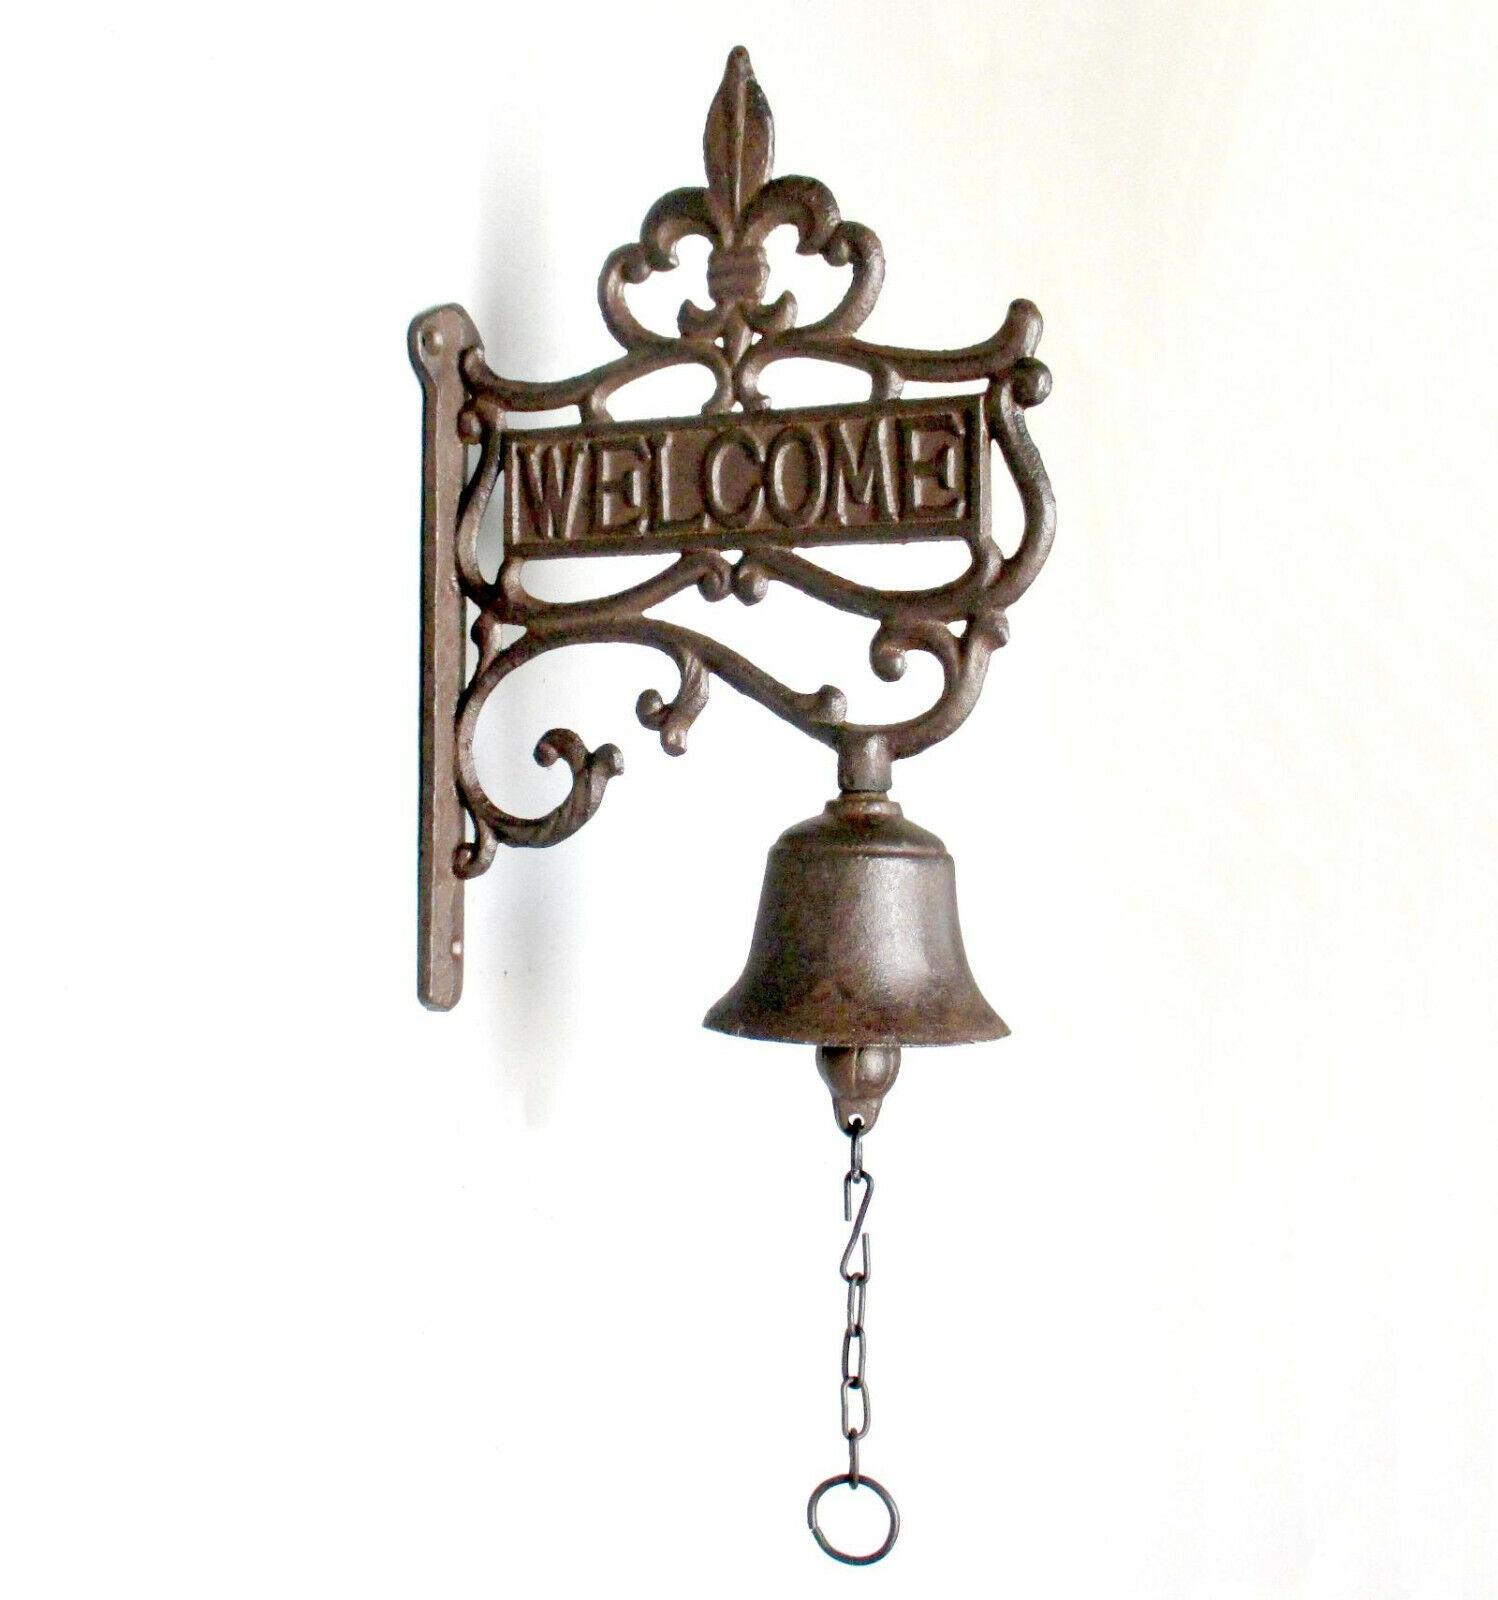 Glocke Klingel Türglocke Anitk Wand-Glocke Gusseisen Garten-Haus Geläut 50cm XL